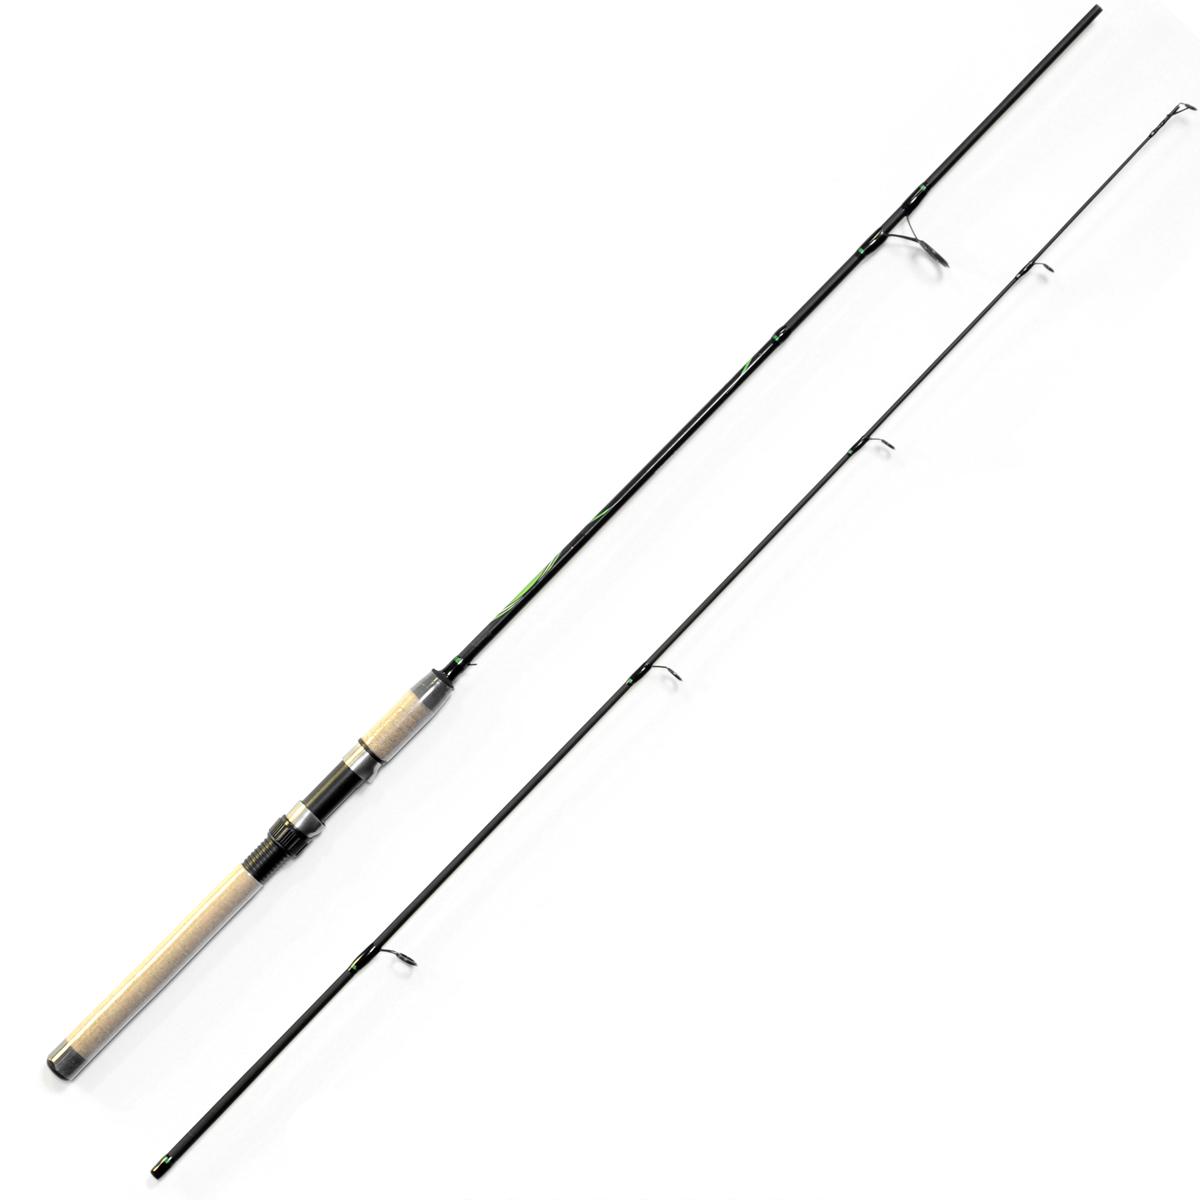 Спиннинг Salmo Sniper ULTRA SPIN 25 2.40, длина 2,4м, 5-25г2516-240Универсальный спиннинг среднего строя из композита. Бланк имеет классическую расстановку колец со вставками SIC на одной ножке крепления, а самое большое – на двух, стык колен спиннинга произведен по типу OVER STEEK. Ручка имеет классический катушкодержатель с нижней гайкой крепления и пластиковый наконечник на торце. - Материал бланка удилища – композит - Строй бланка средний - Класс спиннинга M - Конструкция штекерная - Соединение колен типа OVER STEEK - Кольца пропускные: – усиленные – со вставками SIC – с расстановкой по классической концепции - Рукоятка: пробковая - Катушкодержатель: – винтового типа - Проволочная петля для закрепления приманок